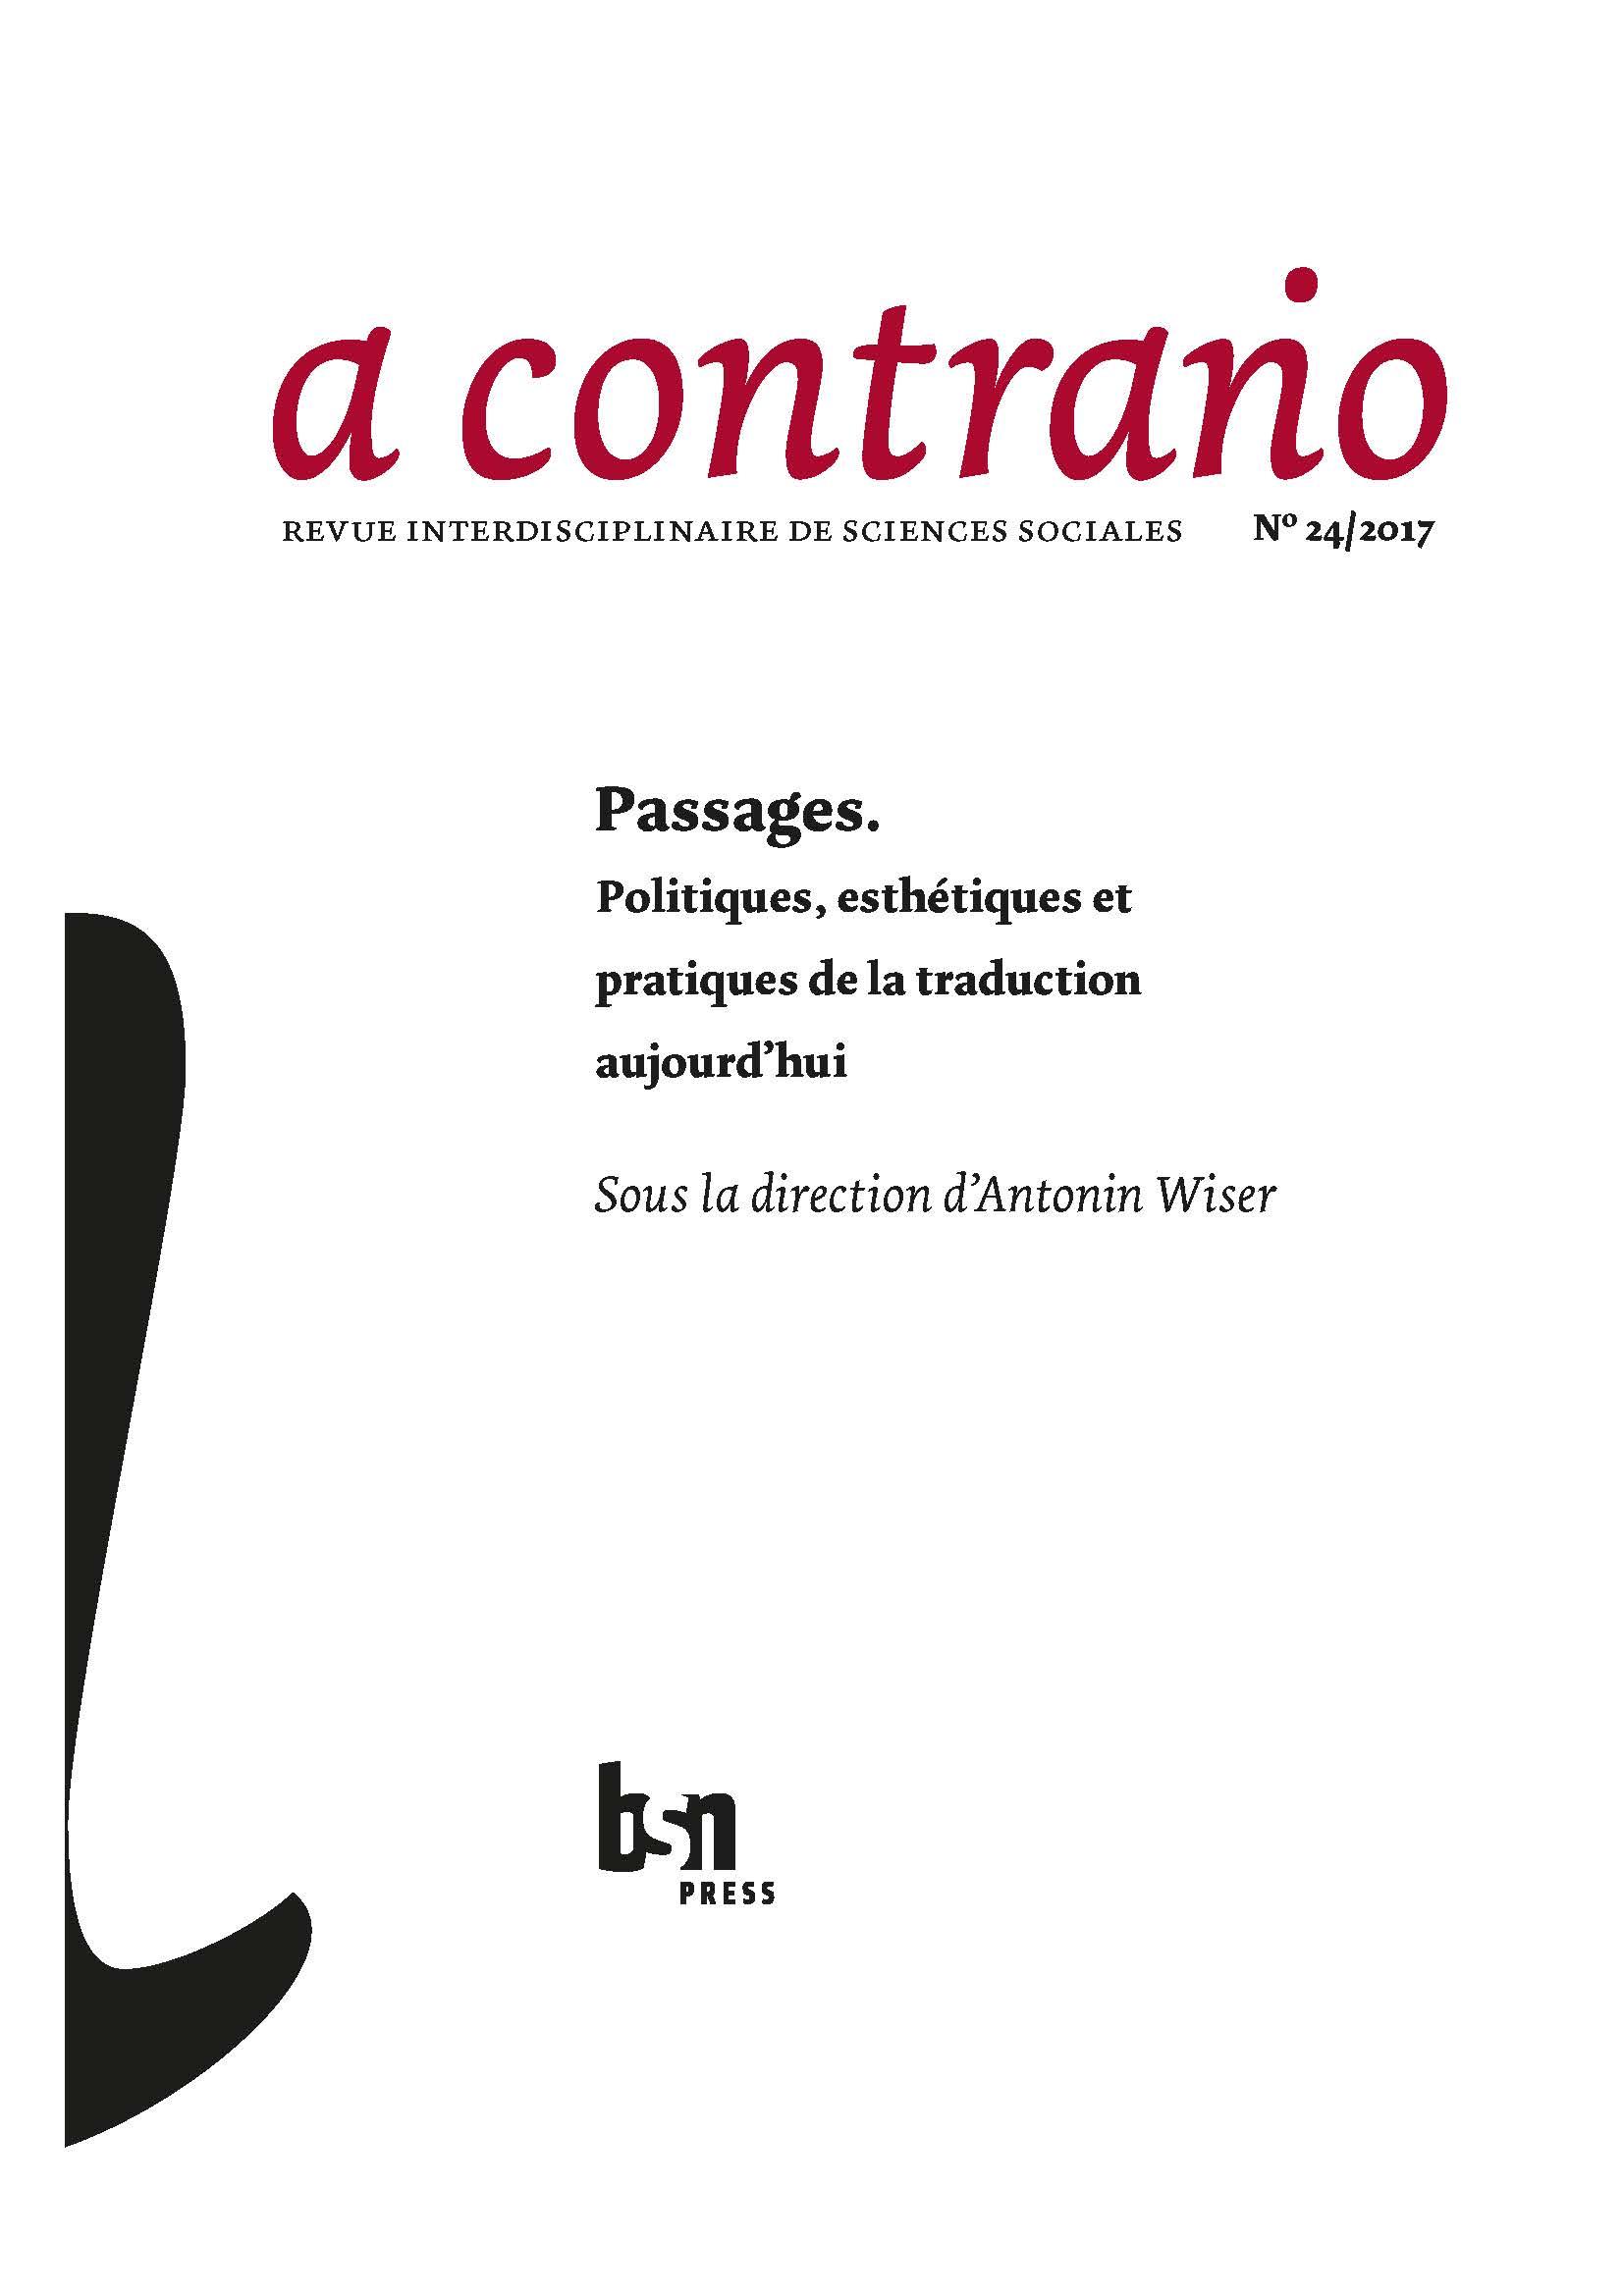 <em>a contrario</em>, n° 24 (2017/1): <em>Passages. Politiques, esthétiques et pratiques de la traduction aujourd'hui</em>